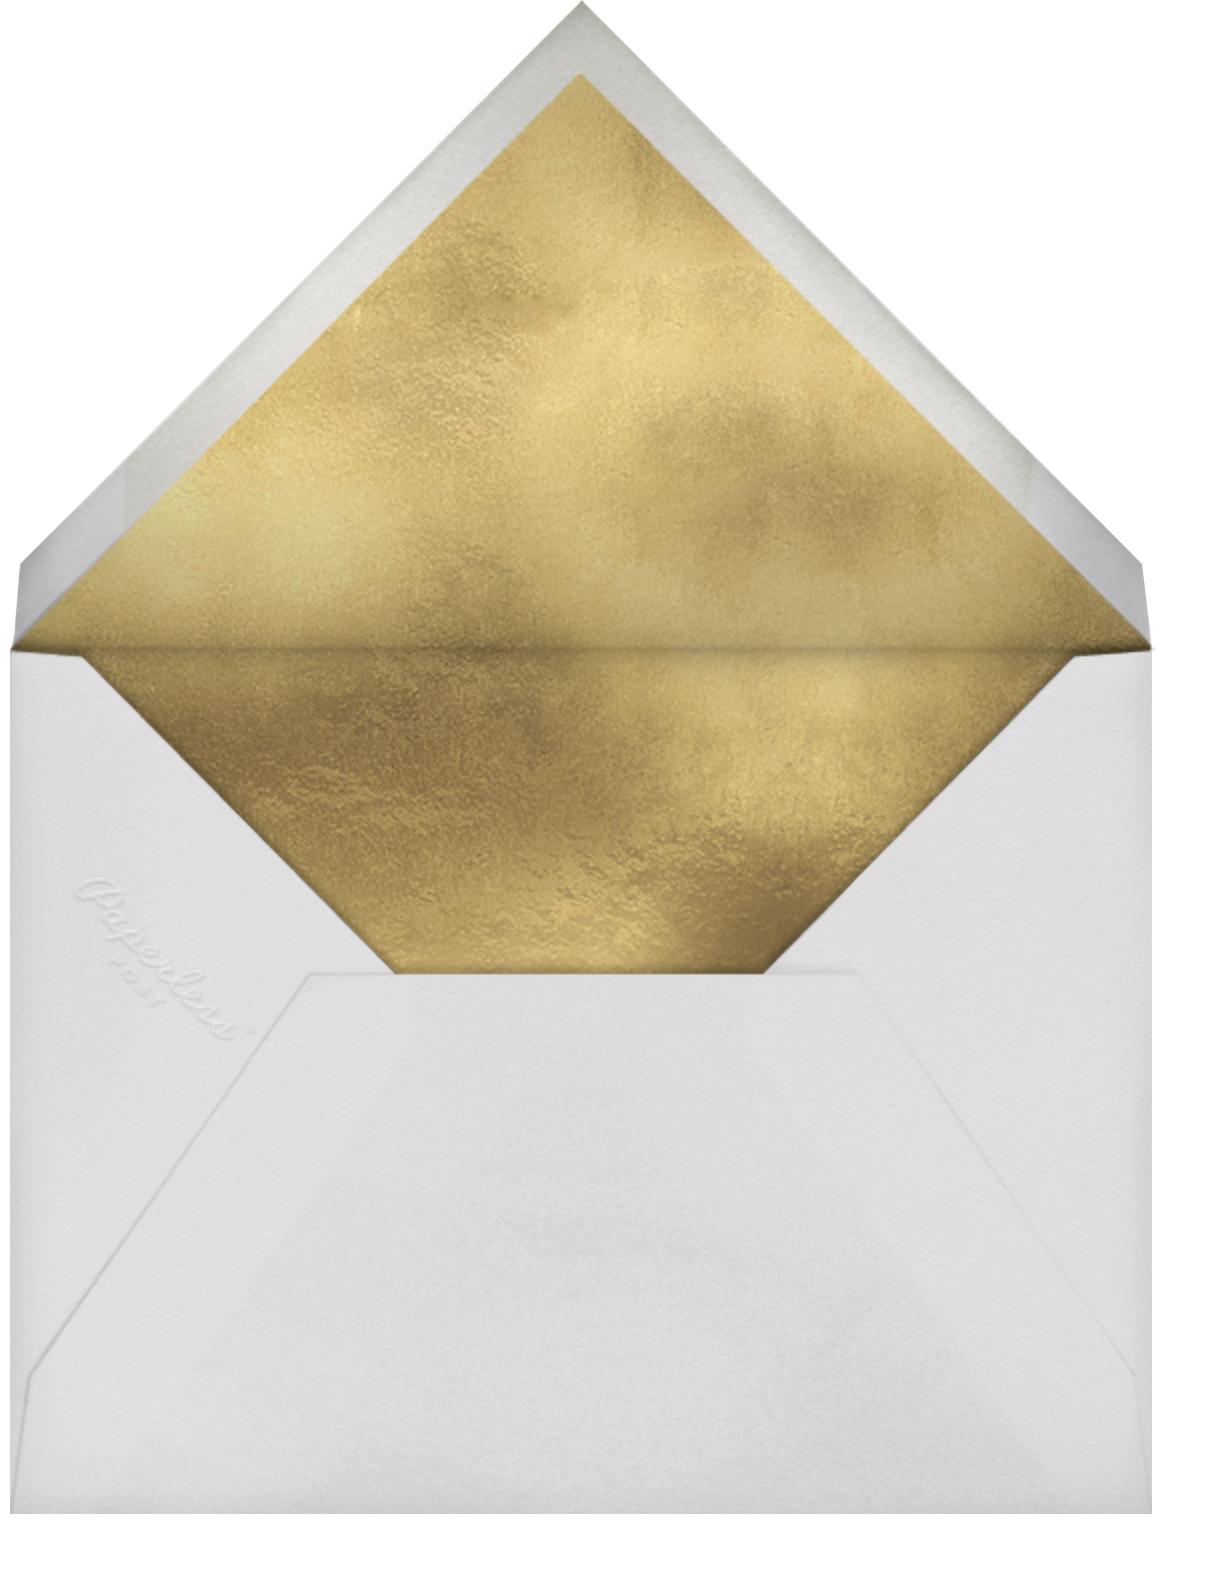 Leopard Border - White - kate spade new york - Bridal shower - envelope back